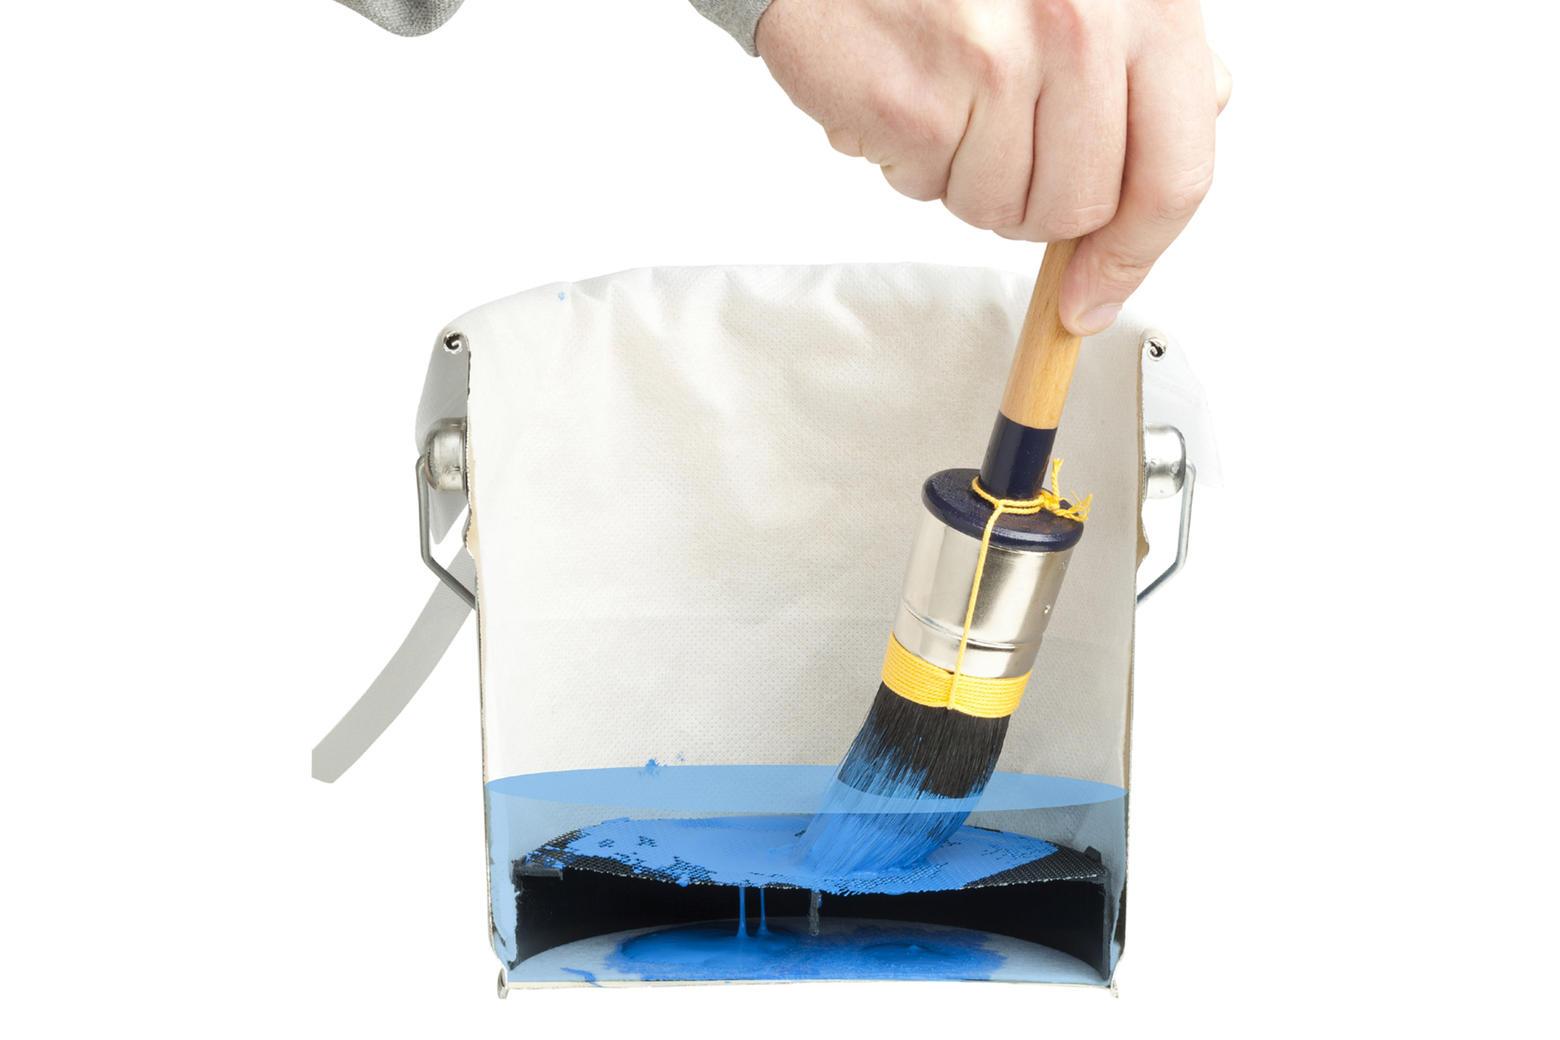 Les particules de peinture sont recueillies dans le sac, sous la grille.